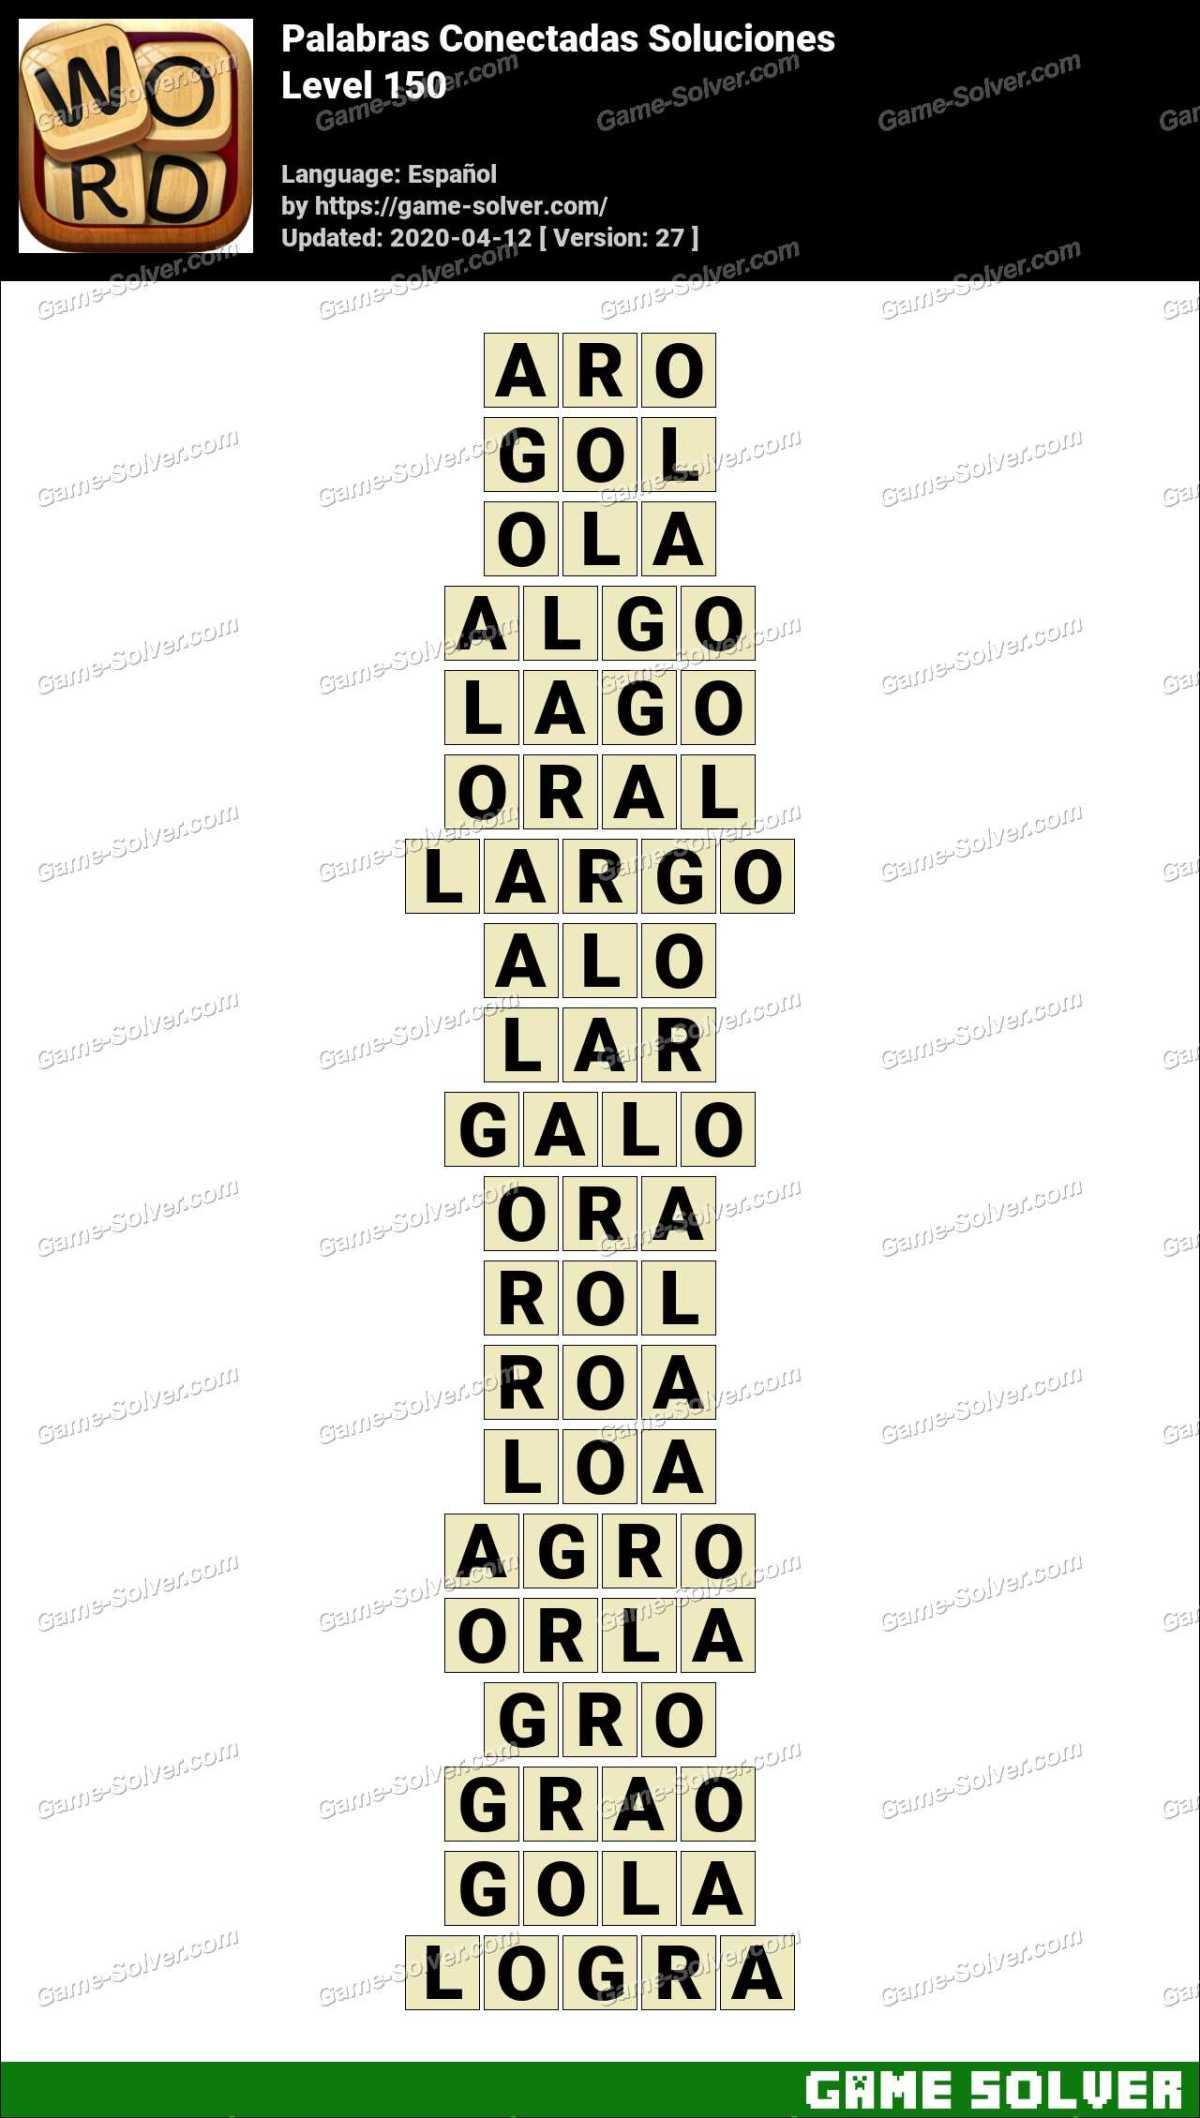 Palabras Conectadas Nivel 150 Soluciones